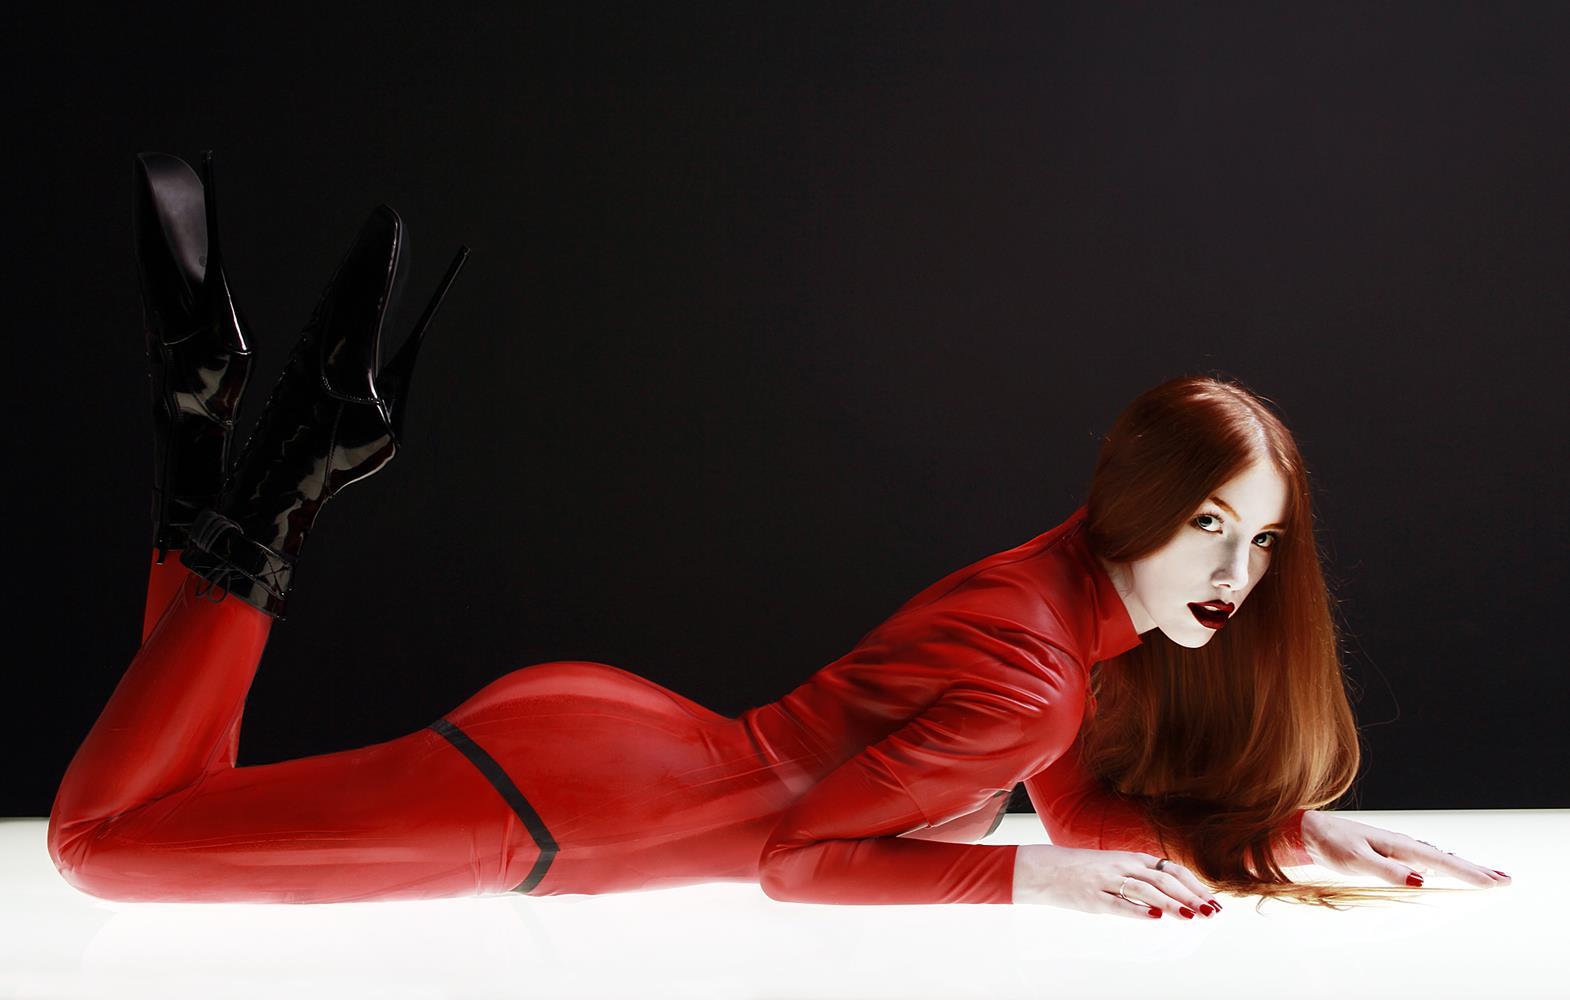 sexy Leila Lunatic 7